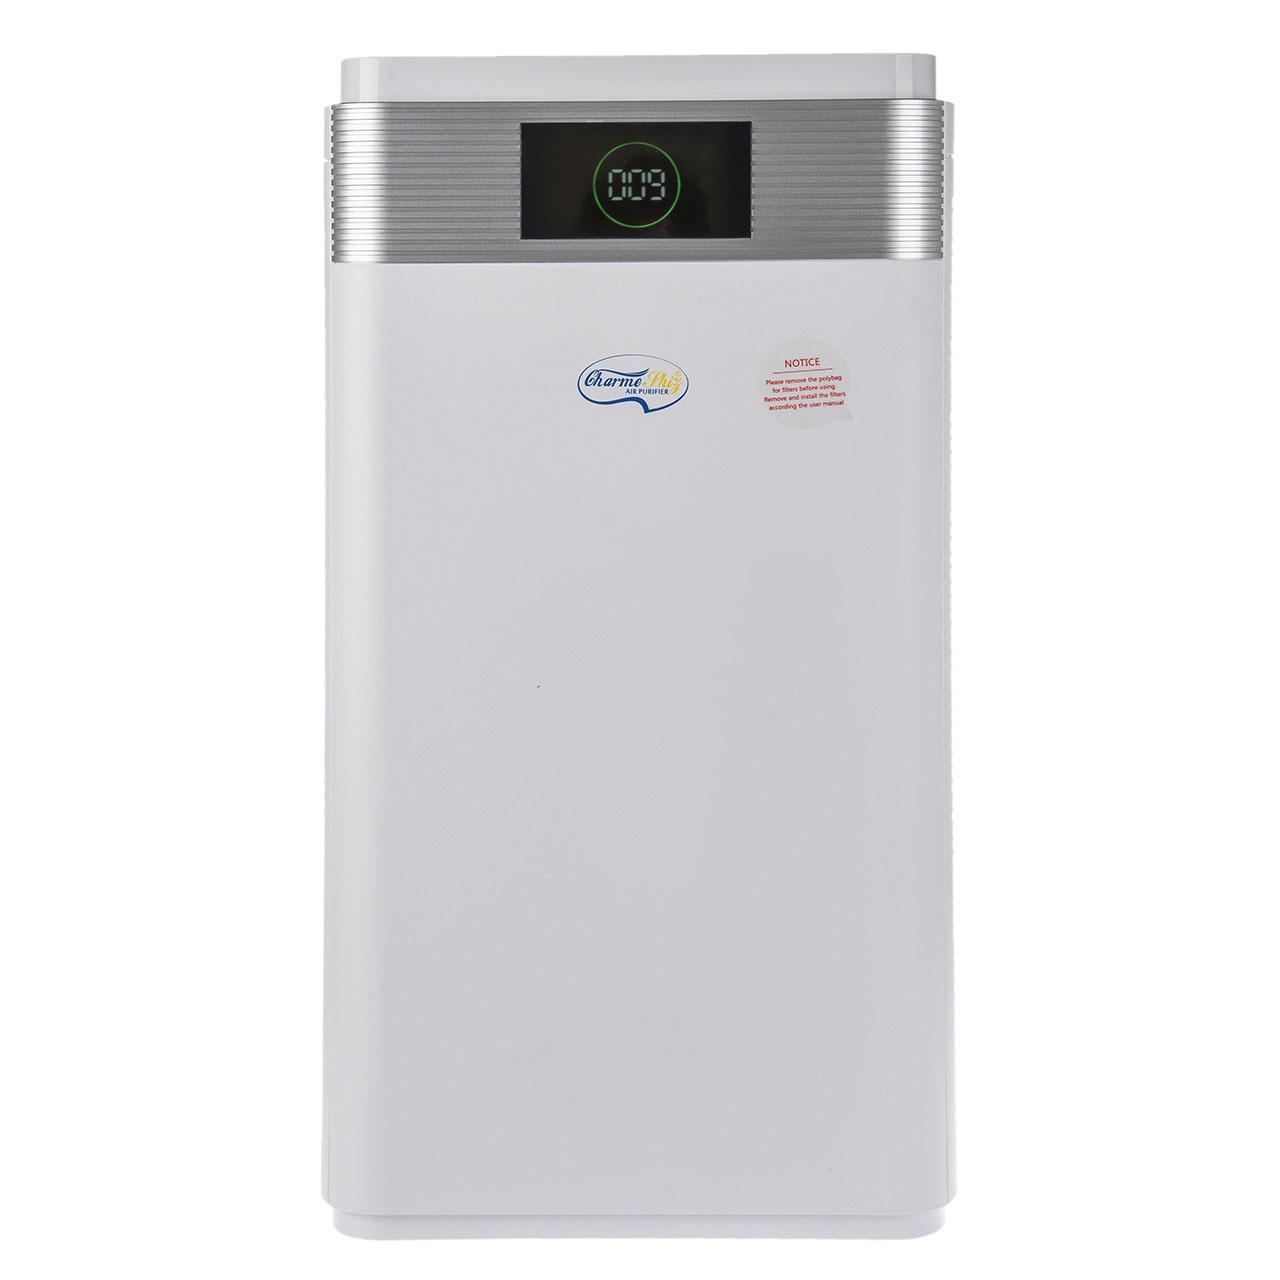 قیمت                      دستگاه تصفیه هوا هوشمند مدل CS-8000